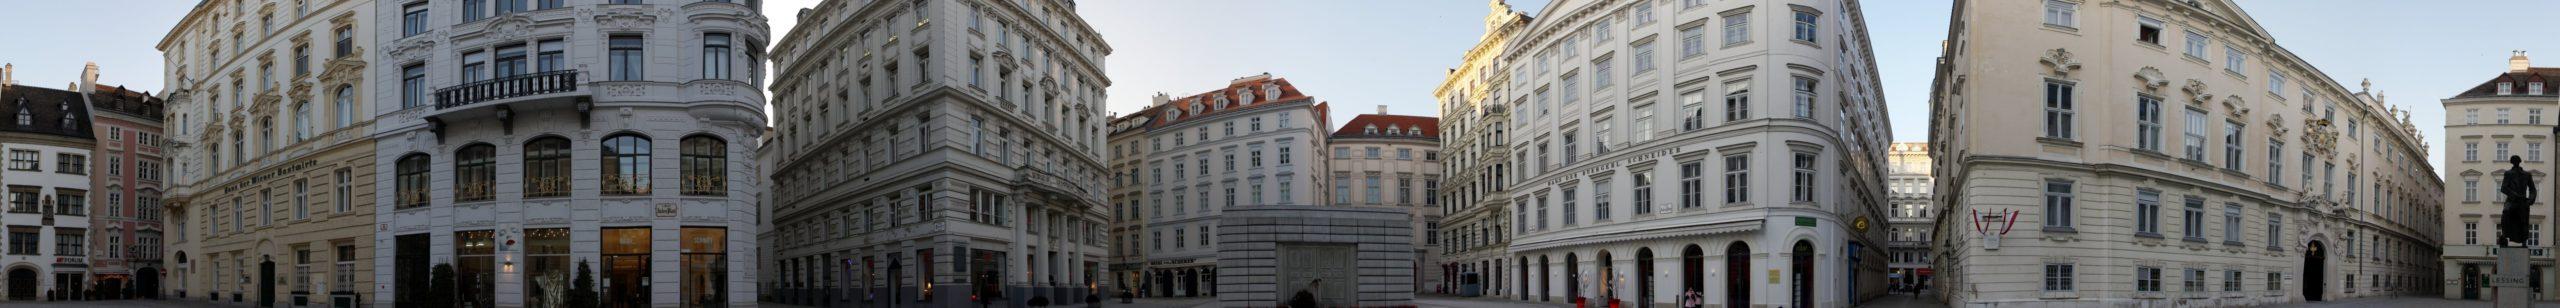 Wien Panorama Judenplatz